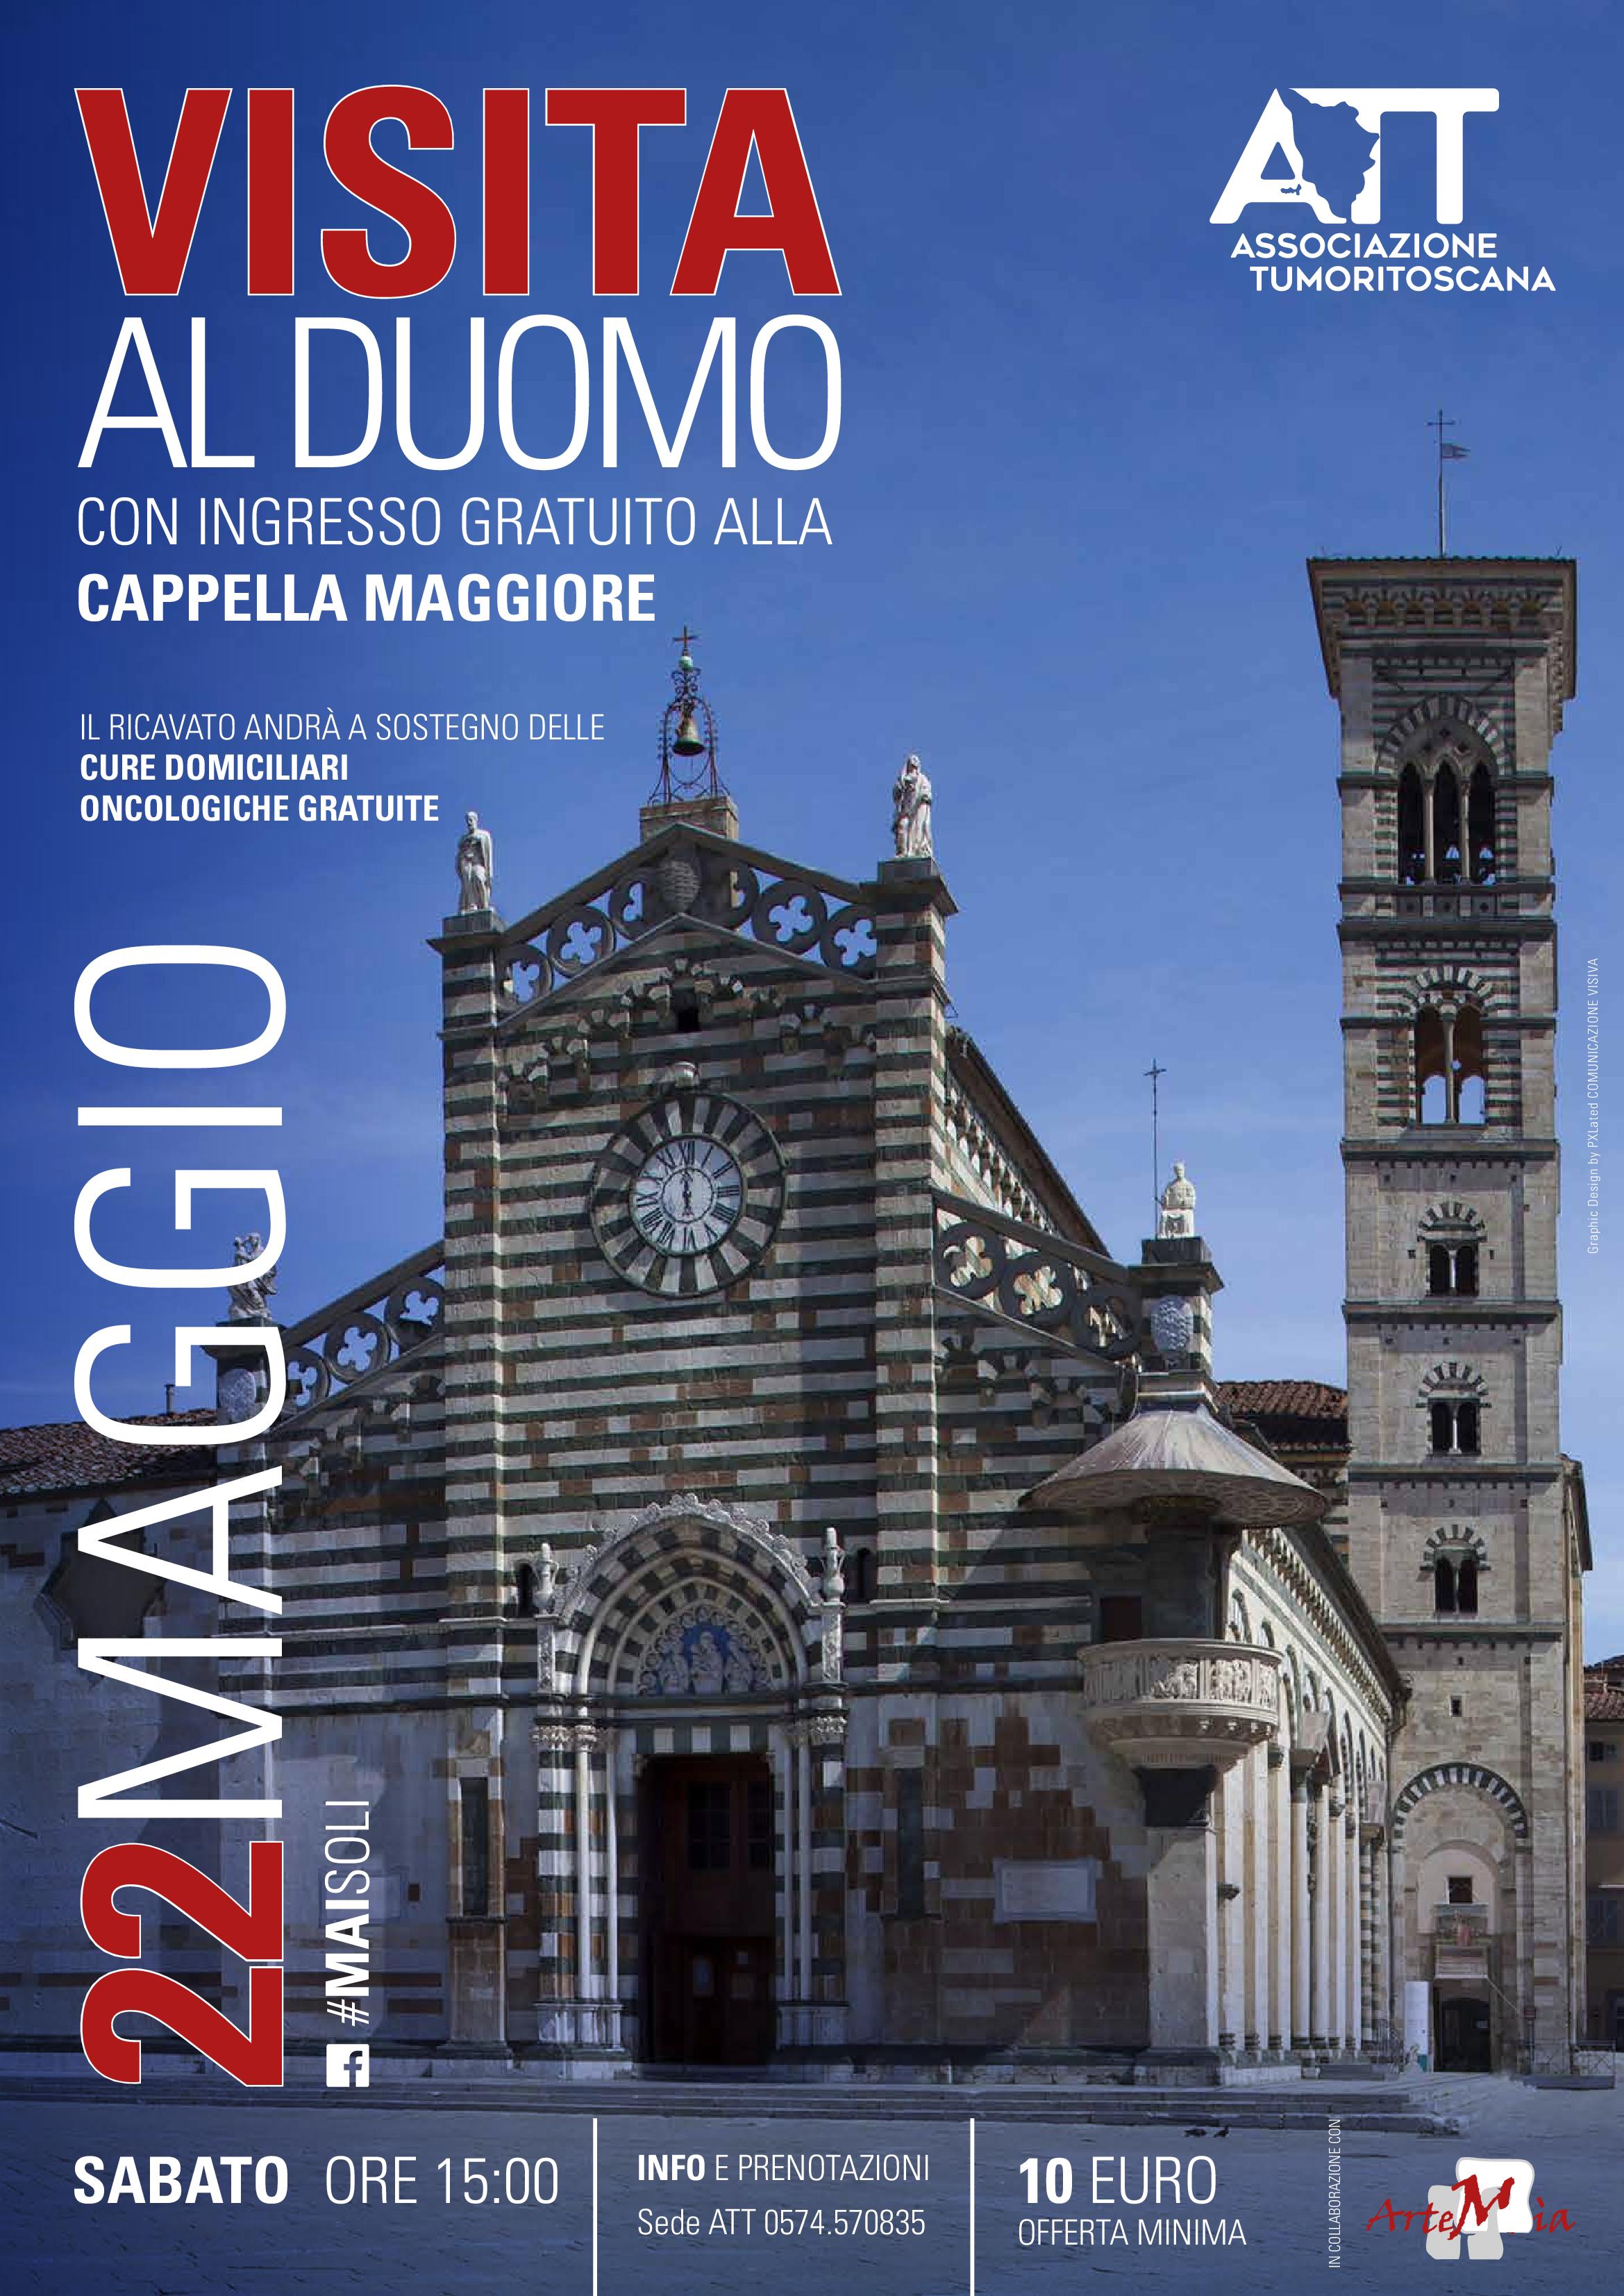 Visita: Visita guidata al Duomo di Prato per ATT